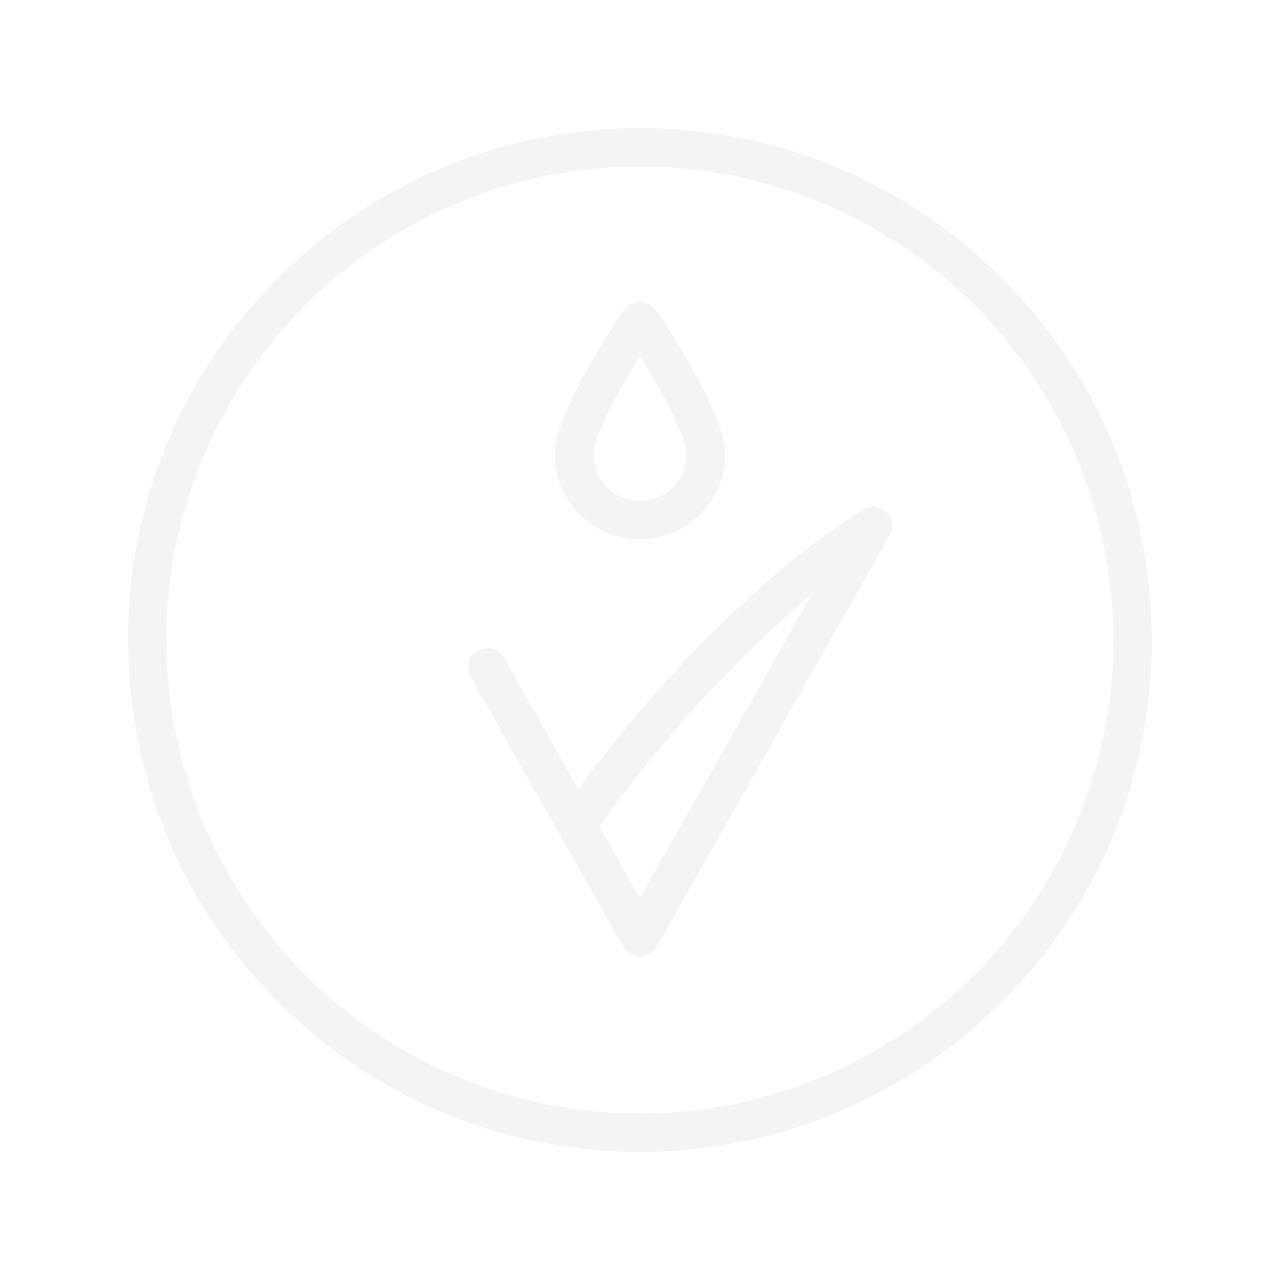 JUNGLE FEVER Wild Straight Fluid антифризная жидкость для выпрямления волос 250ml